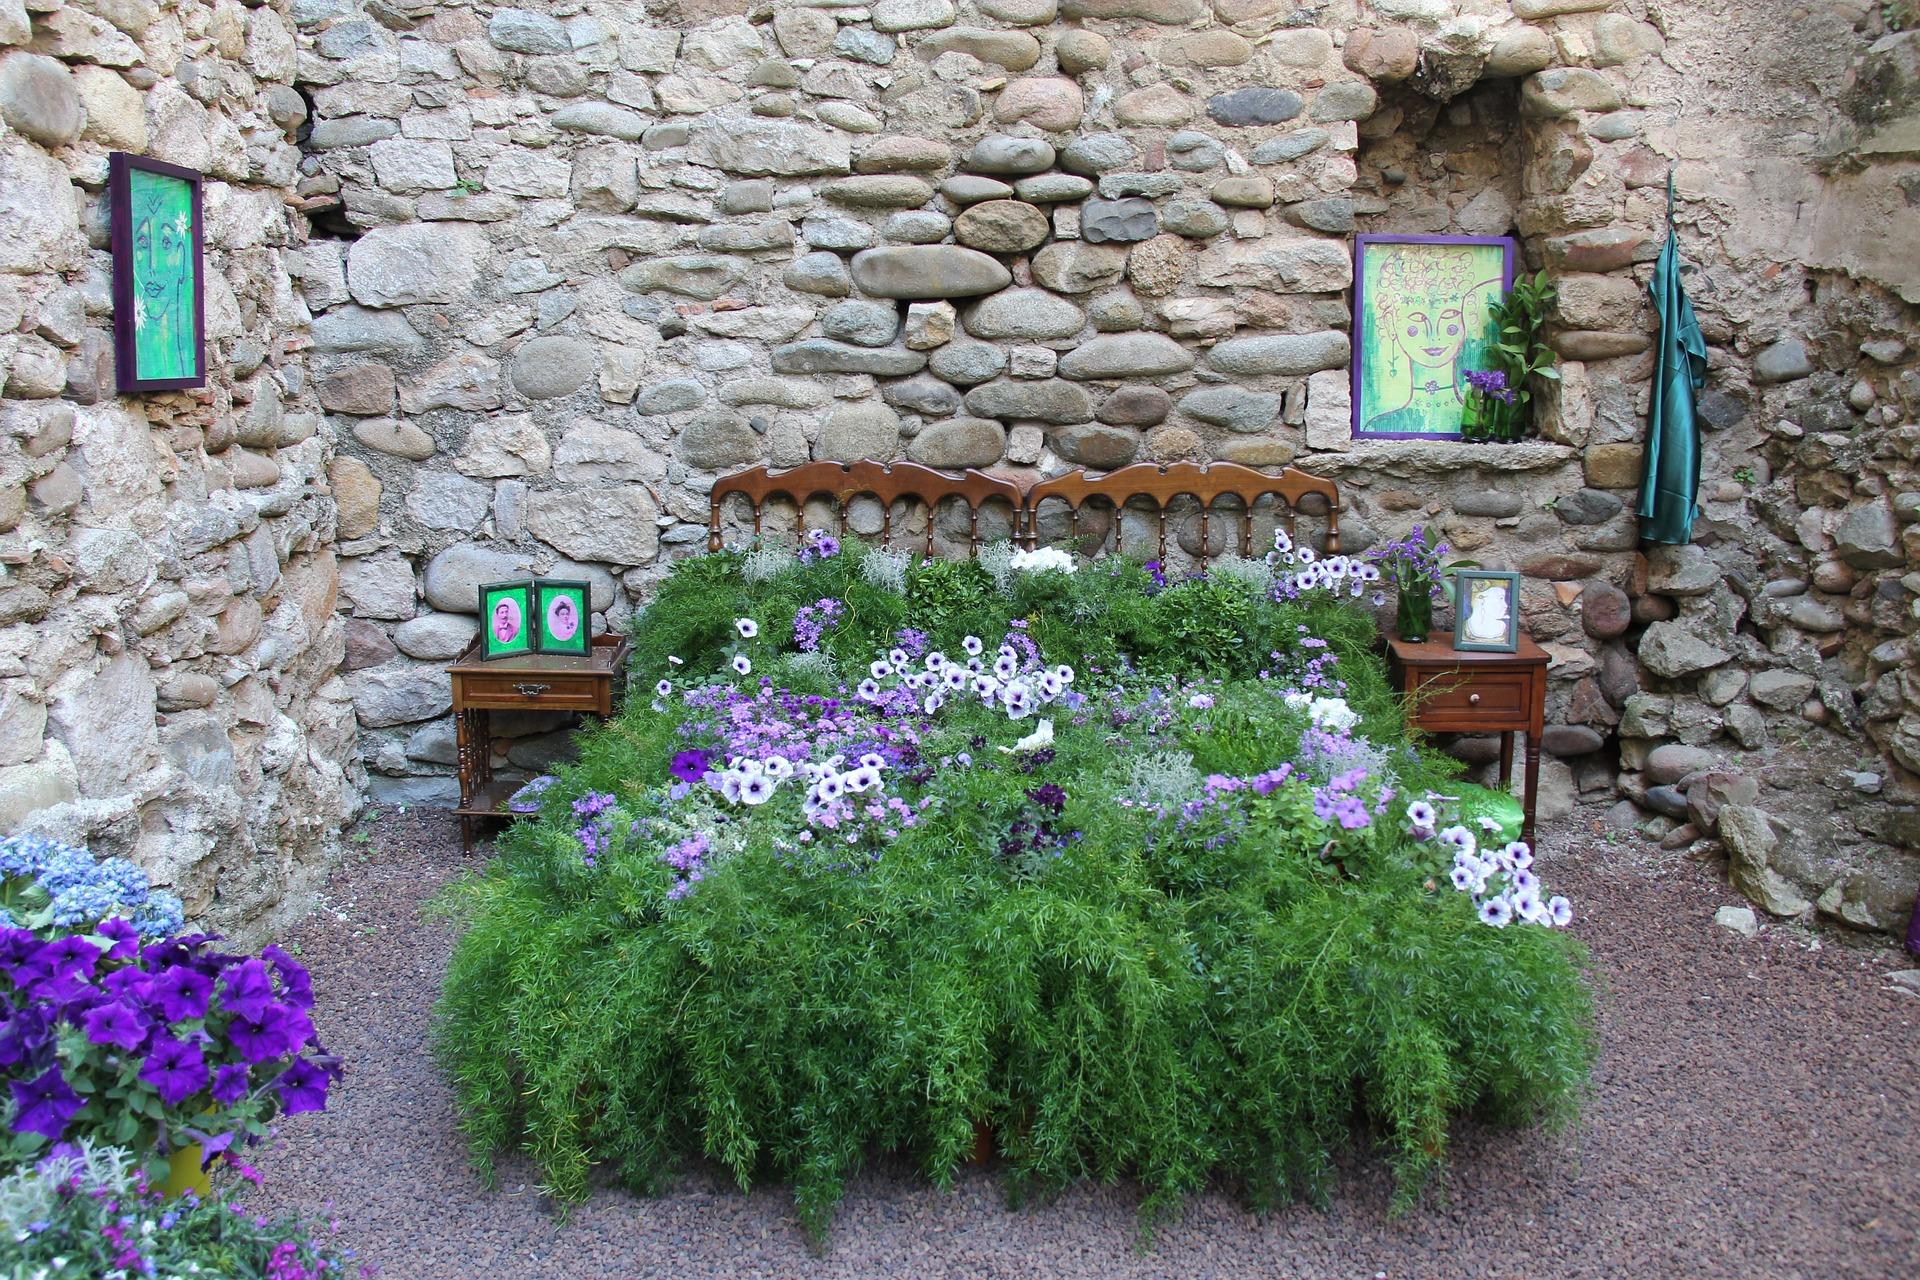 Ein vor einer Steinmauer in einem Garten nachgebildetes Schlafzimmer mit Beet als Bett mit viel Grün und einigen lila Blumen.